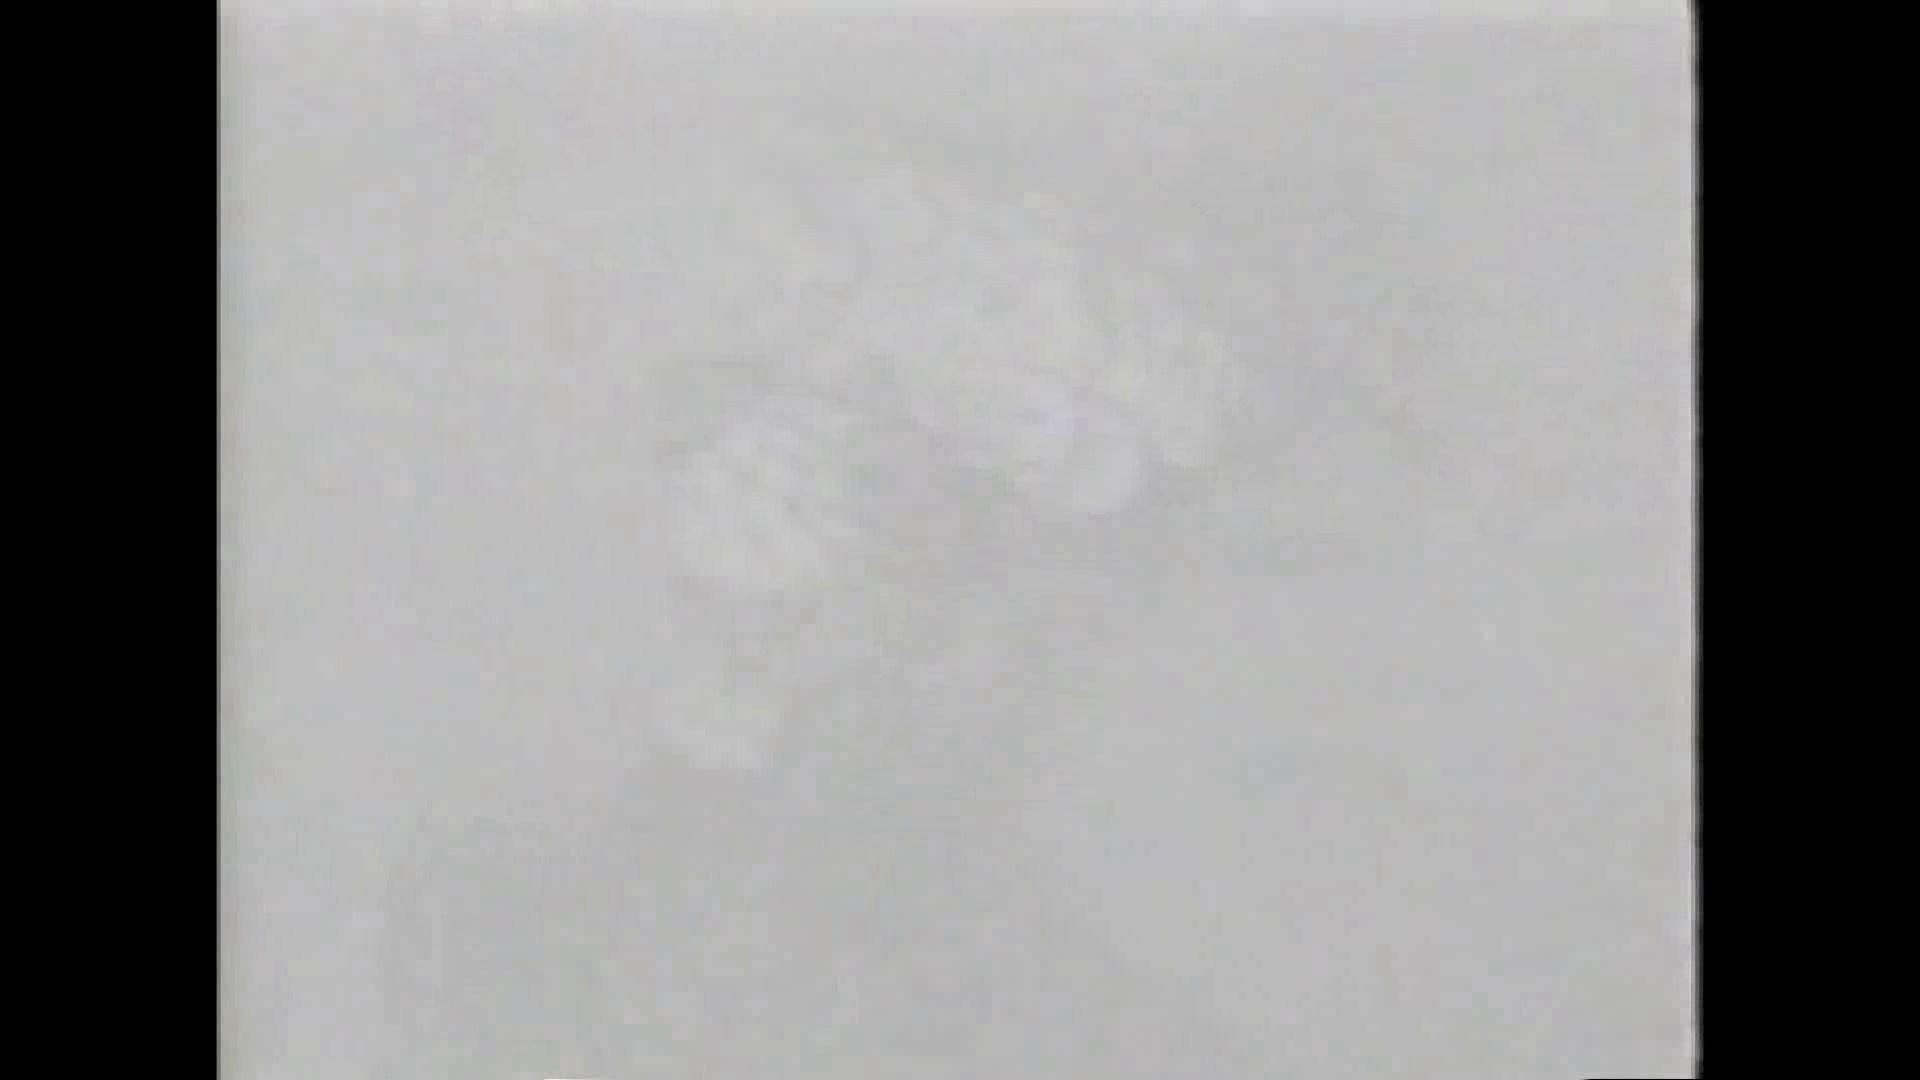 ゲイ 肉棒 動画|MADOKAさんのズリネタコレクションVol.6-1|ゲイマニア